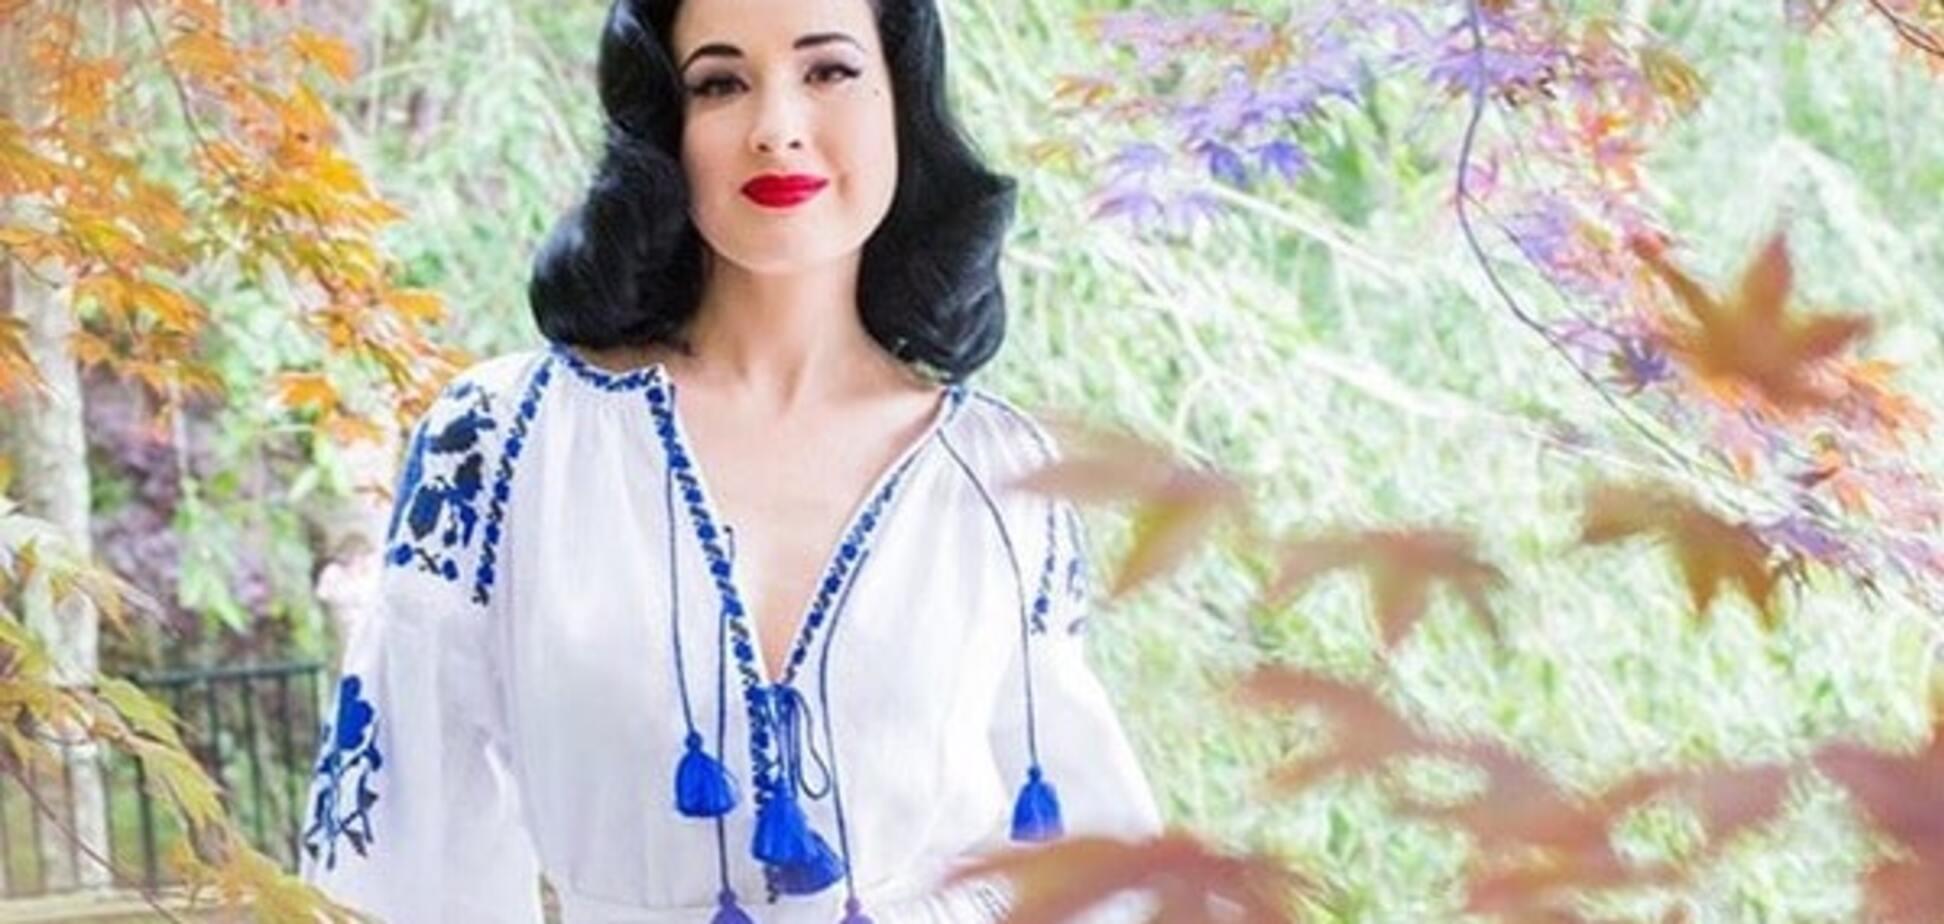 Дита фон Тиз покрасовалась в еще одной вышиванке от украинского дизайнера: опубликованы фото